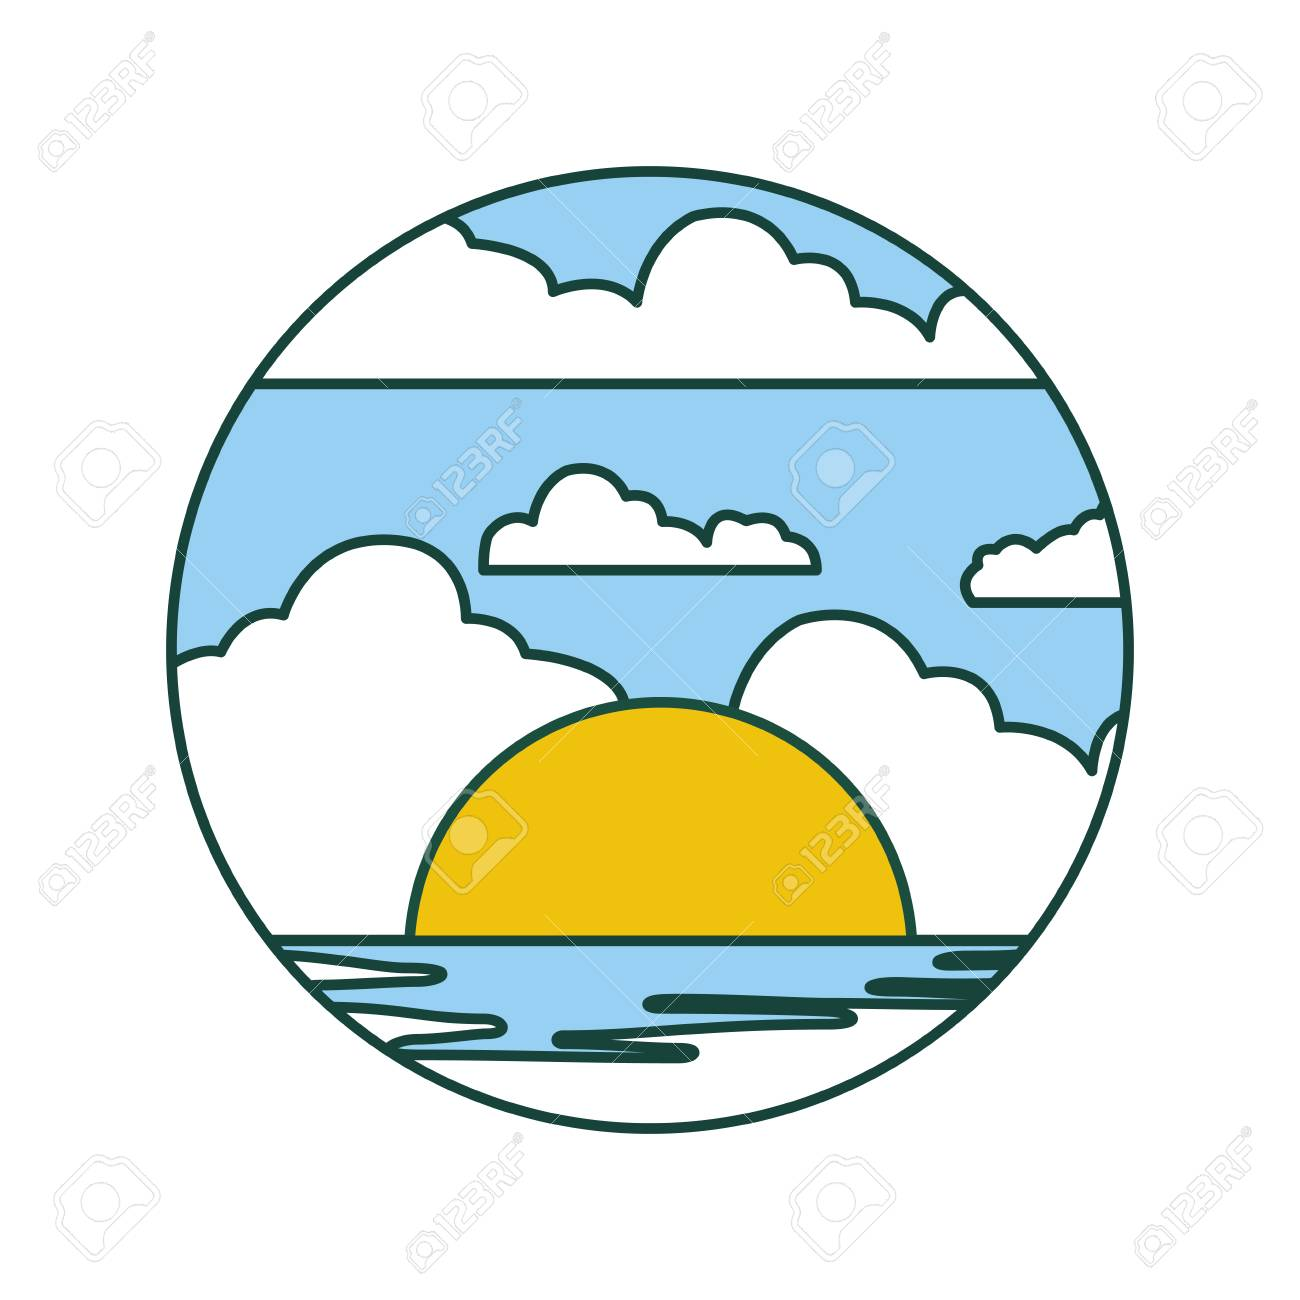 おしゃれシースケープ夏アイコン ベクトル イラスト デザイン